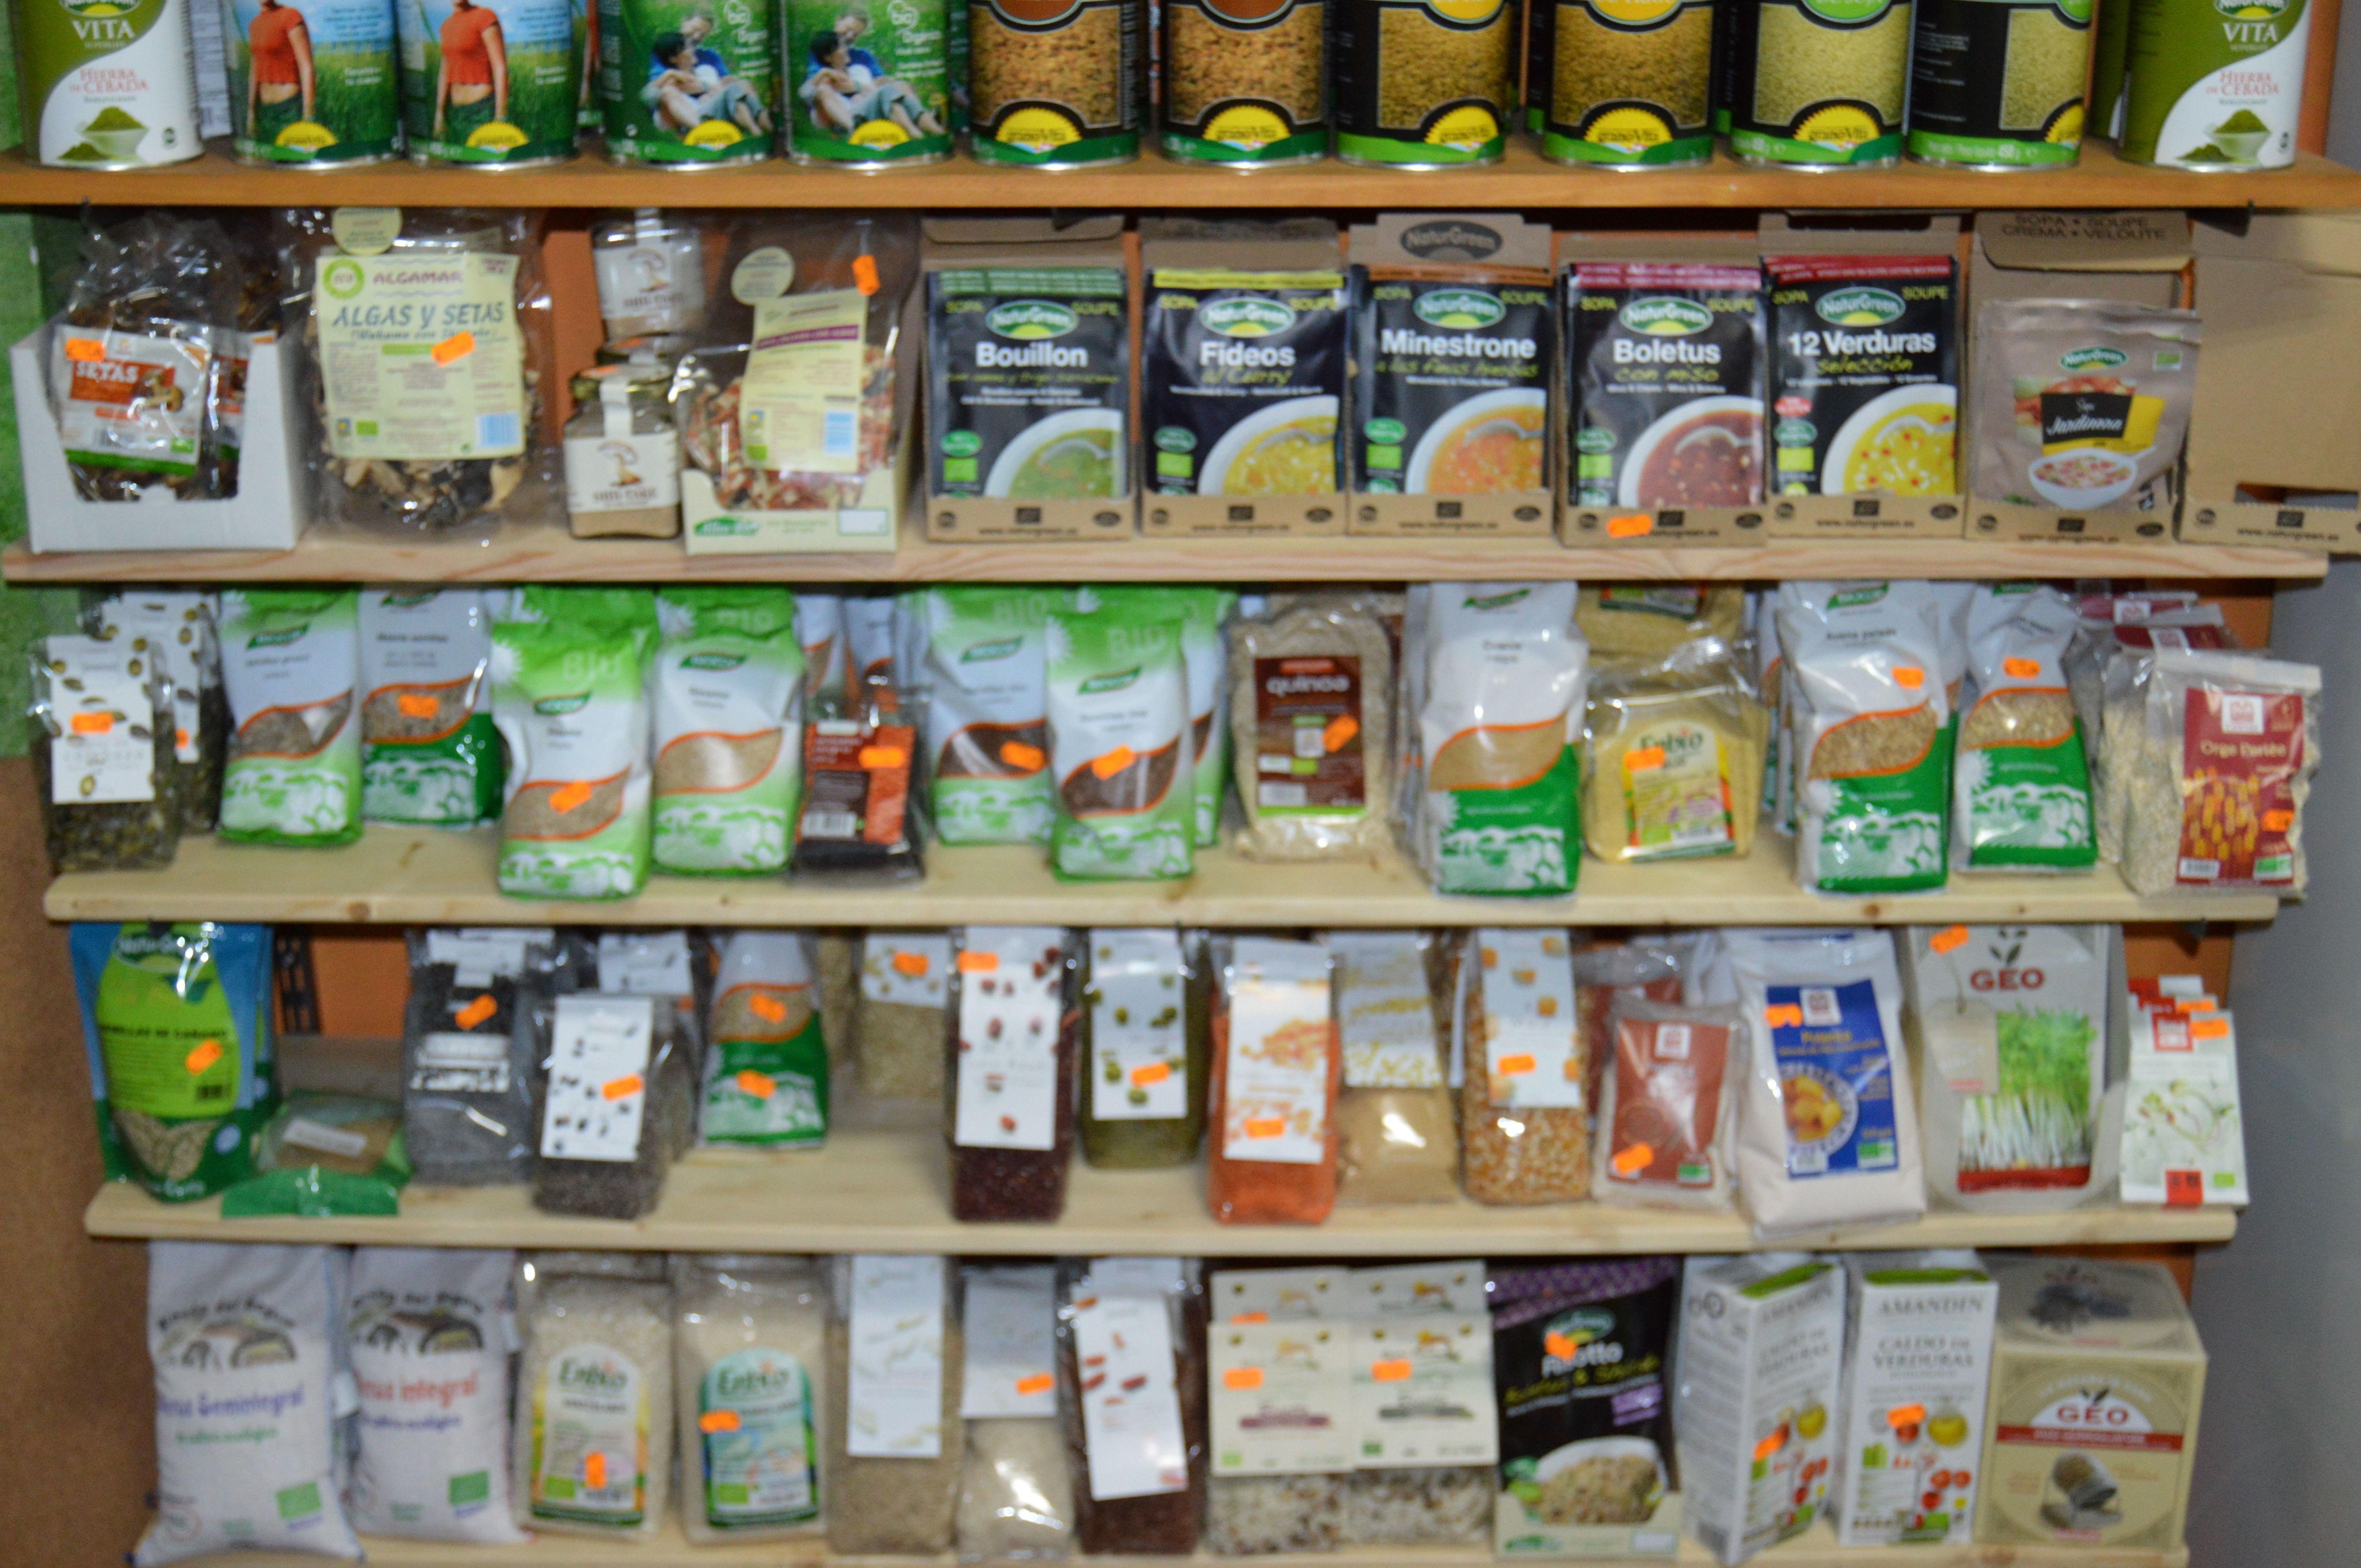 Foto 16 de Productos ecológicos en Ciudad Real | La Despensa Ecológica